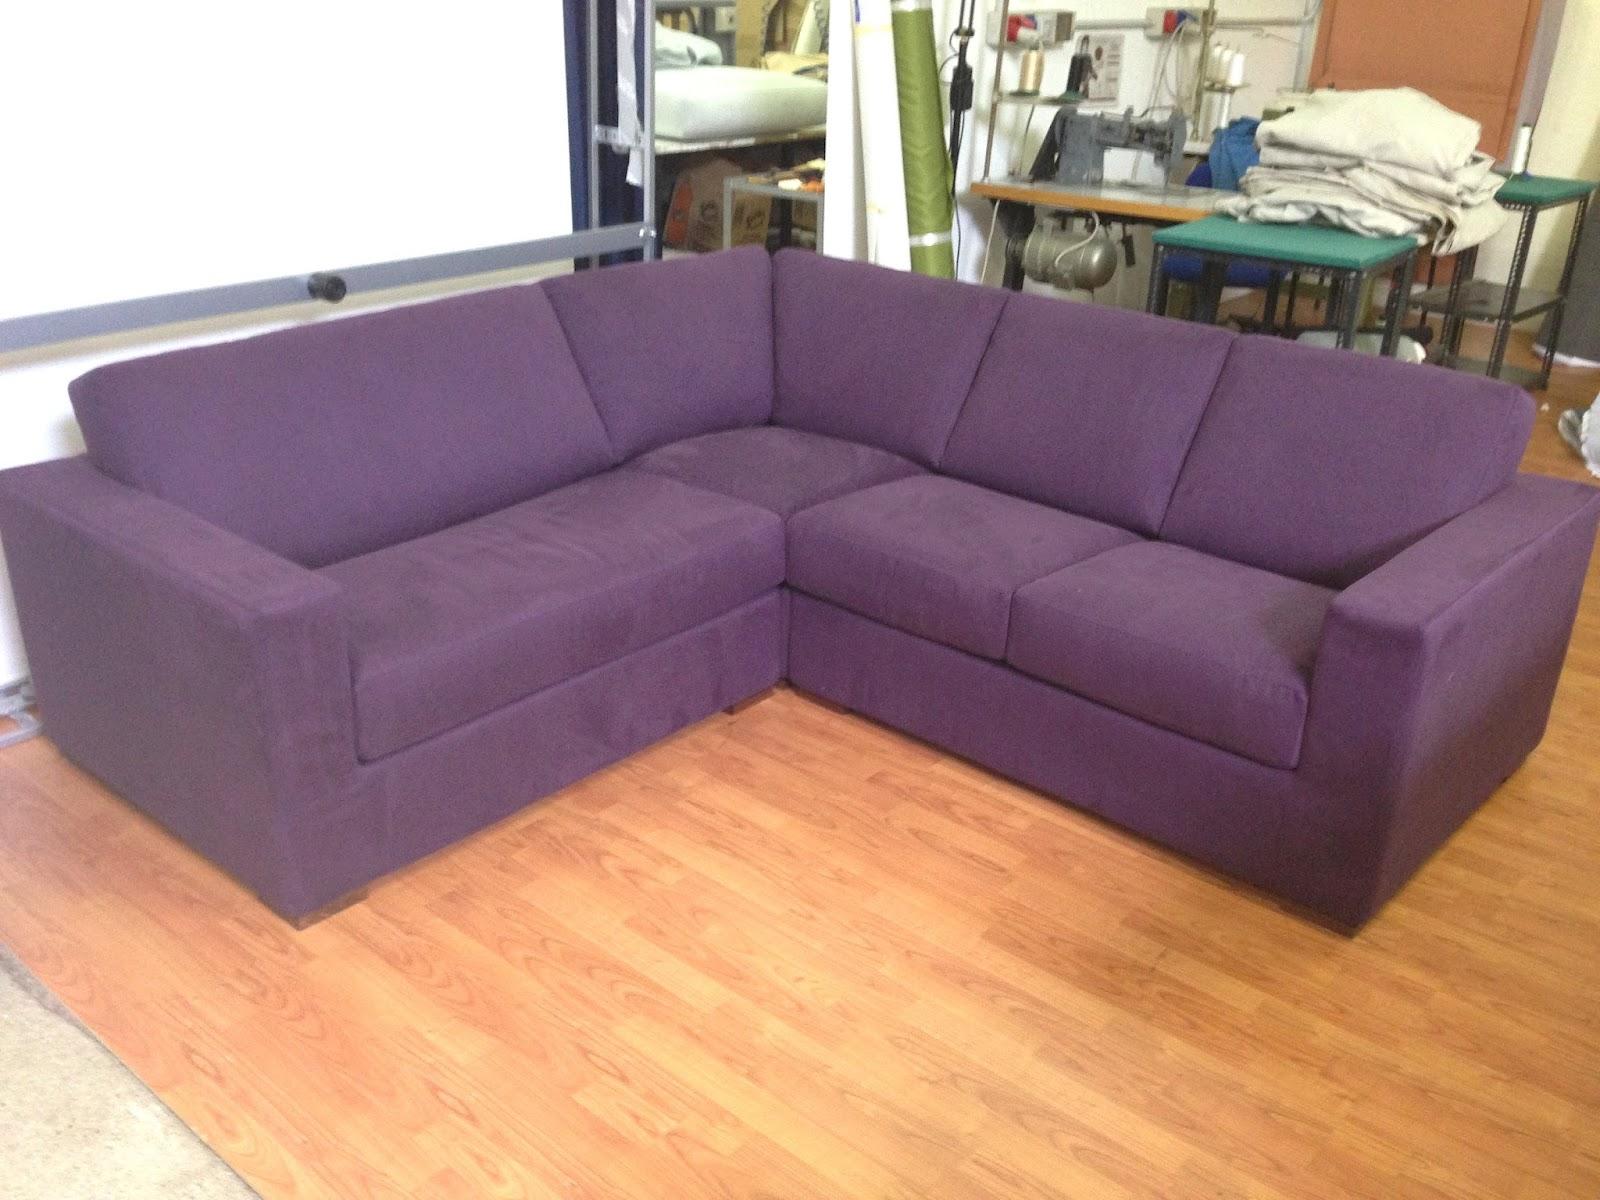 Divani e divani letto su misura divano angolare su misura for Divani ad angolo misure